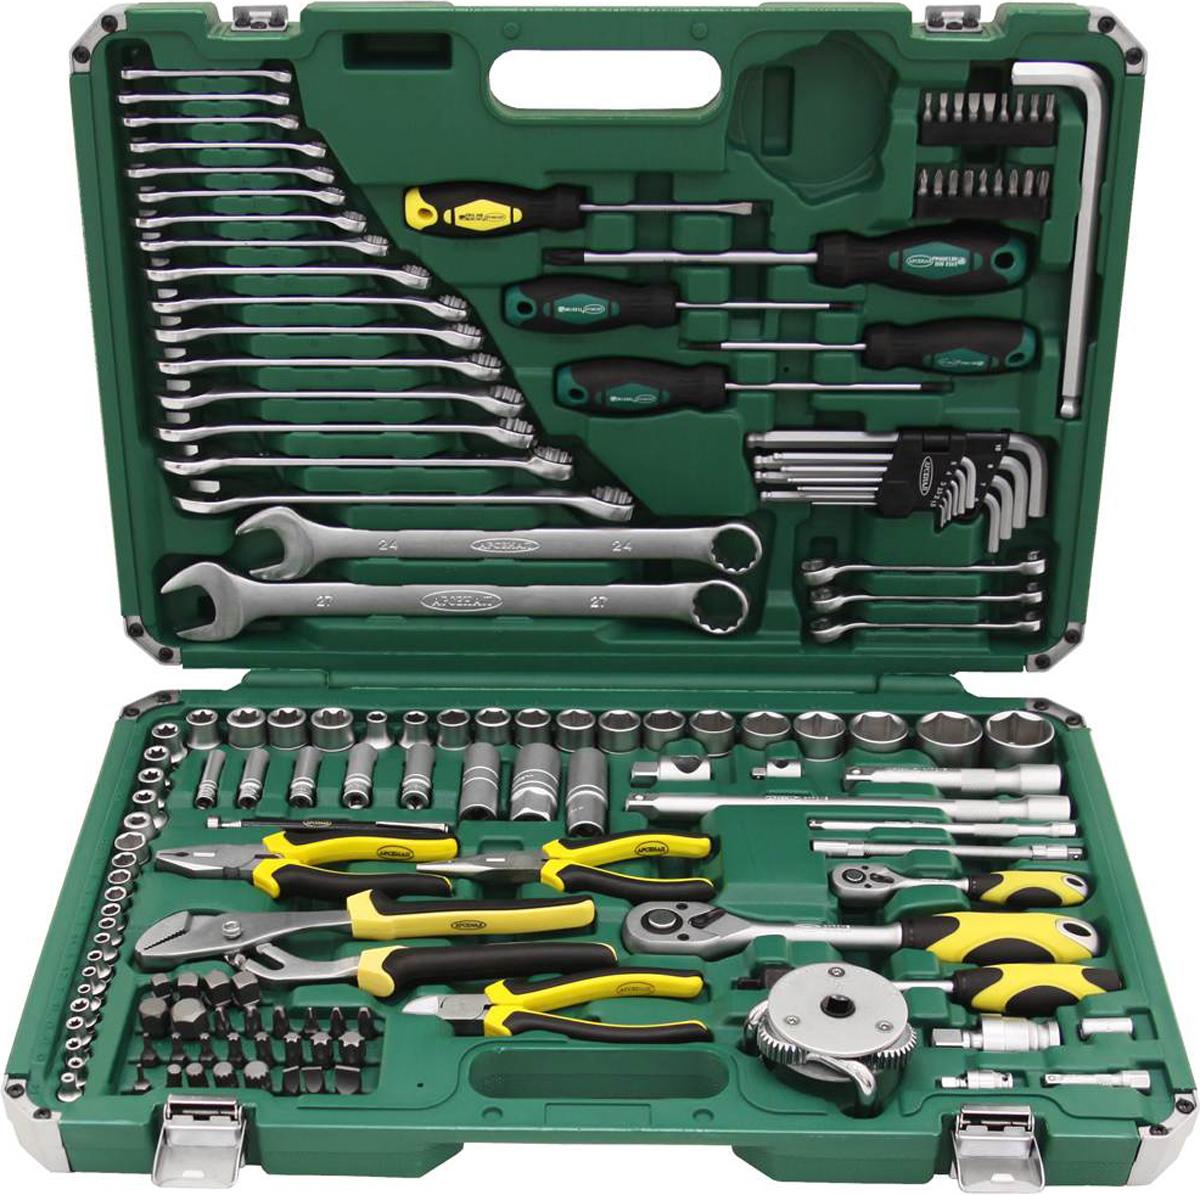 Набор инструментов Арсенал, общефункциональный, 148 предметов8086330Набор инструмента ARSENAL TSM148AABP-WTG включает в себя общефункциональные инструменты и инструменты для арматурных работ, используется для ремонта российских автомобилей и содержит 144 предмета. Инструменты Арсенал предназначены для профессионального ремонта в автомастерских.Комплектация:Привод 1/4- Шестигранные головки, 10 штук: 4, 4.5, 5, 5.5, 6, 7, 8, 9, 10, 13 мм- Е-головки Torx (звезды), 5 штук: Е4, Е5, Е6, Е7, Е8- Удлиненные шестигранные головки, 5 штук: 8, 10, 11, 12, 13 мм- Удлинители: 50, 150 мм- Гибкий удлинитель 150 мм- Отвертка с присоединительным квадратом- Шаровой шарнир- Трещотка с быстрым сбросом, 72 зуба- Скользящий переходник 1/4(М)х3/8(F)- Биты: - Шлицевые биты, 5 штук: 3, 4, 5, 6, 7 мм - Биты Phillips, 5 штук: PH.0, PH.1, PH.2, PH.3, PH.4 - Биты Pozidriv, 4 штуки: PZ.1, PZ.2, PZ.3, PZ.4 - Биты Torx, 4 штуки: Т10, Т15, Т20, Т25- Адаптер для бит 1/4 на 1/4Привод 1/2- Шестигранные головки, 14 штук: 8, 10, 14, 15, 16, 17, 18, 19, 21, 22, 24, 27, 30, 32 мм- Е-головки Torx (звезды), 8 штук: Е10, Е11, Е12, Е14, Е16, Е18, Е20, Е22- Удлиненная двенадцатигранная головка 17 мм- Магнитные свечные головки: 16 и 21 мм- Удлинители: 125 и 250 мм- Скользящий переходник 1/2(М)х3/8(F)- Шаровой шарнир- Трещотка с быстрым сбросом, 72 зубаПрочее:- Биты 5/16: - Шлицевые биты, 3 штуки: 8, 10, 12 мм - Биты Phillips, 3 штуки: PH.1, PH.2, PH.4 - Биты Pozidriv, 3 штуки: PZ.2, PZ.3, PZ.4 - Шестигранные биты Hex, 2 штуки: 14, 17 мм - Биты Torx (звезды), 9 штук: Т8, Т10, Т27, Т30, Т40, Т45, Т50, Т55, Т60 - Биты Spline, 4 штуки: М8, М10, М12, М14 - Четырехгранные биты, 4 штуки: 8, 9, 10, 11 мм- Адаптер для бит 5/16 на 1/2- Комбинированные ключи, 17 штук: 6, 7, 8, 9, 10, 11, 12, 13, 14, 15, 16, 17, 18, 19, 21, 22, 24, 27 мм- Разрезные шестигранные гаечные ключи, 3 штуки: 8х10, 9х11, 10х12 мм- Ключ для масляных фильтров краб 65-120 мм- Отвертки: - Шлицевая 5,5х100 мм - Крестовая Phillips: 3х150 мм - Torx (звезд